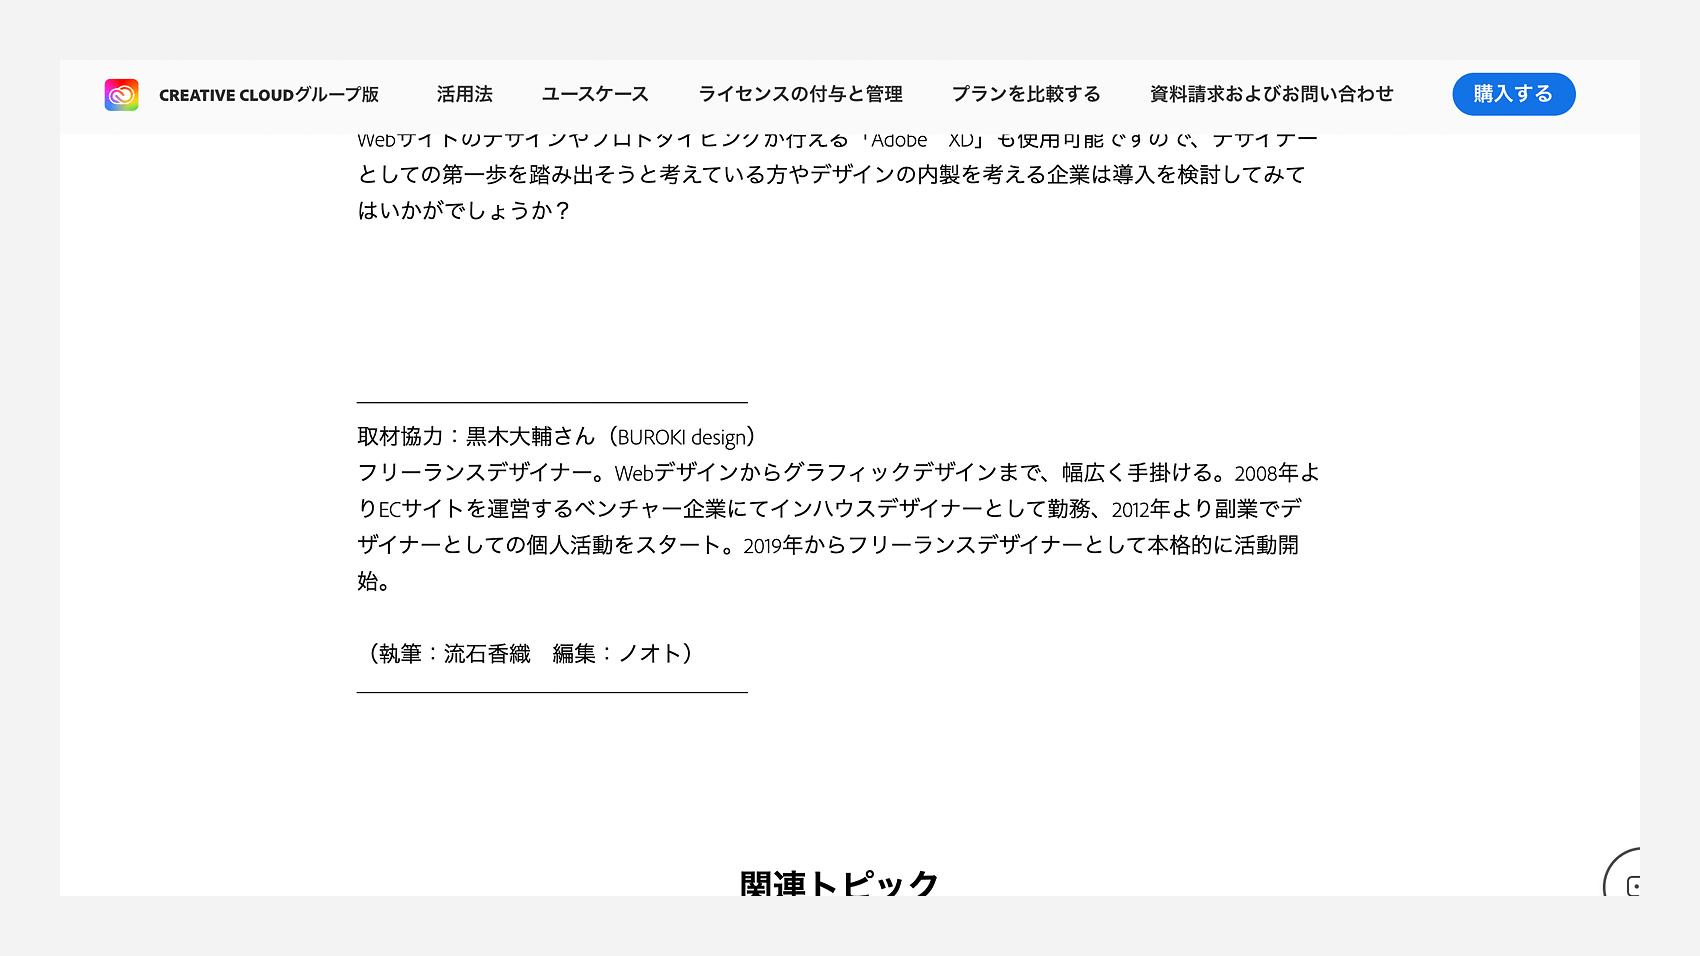 ページ下部の署名領域